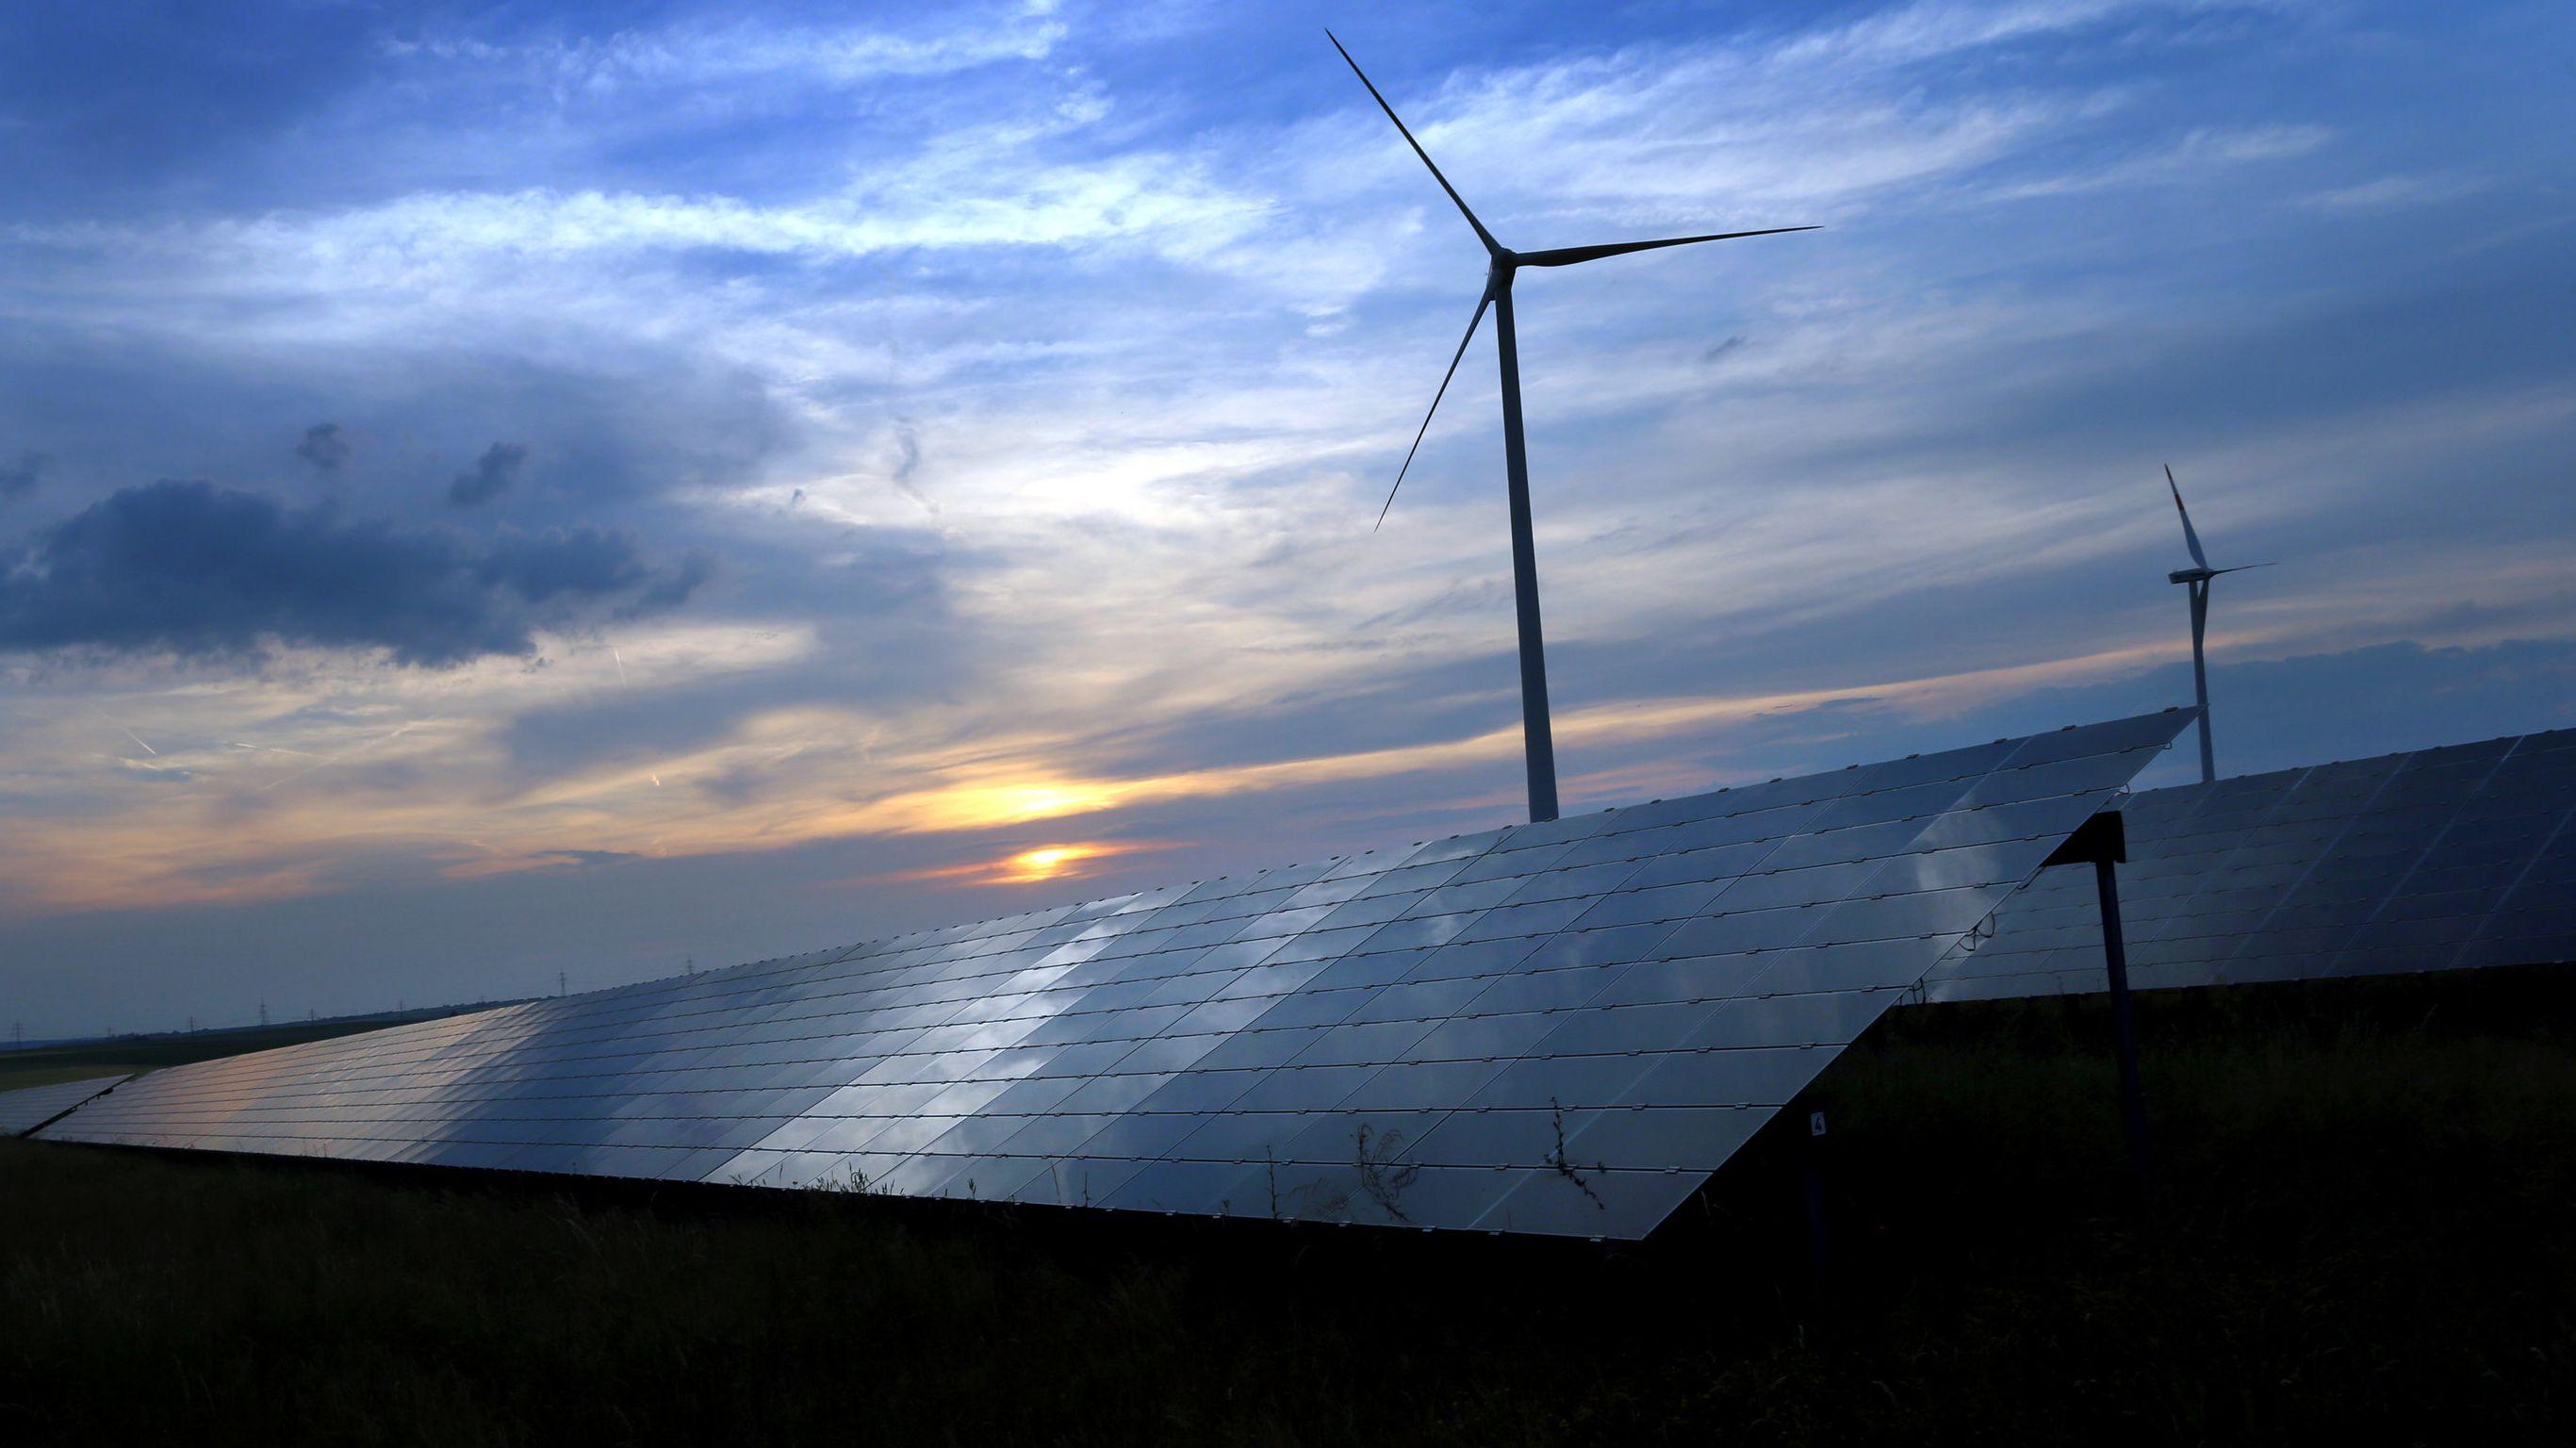 Kitzingen: Der mit Wolken überzogene Abendhimmel spiegelt sich auf den Solarzellen einer vor Windrädern stehenden Solarkraftanlage.